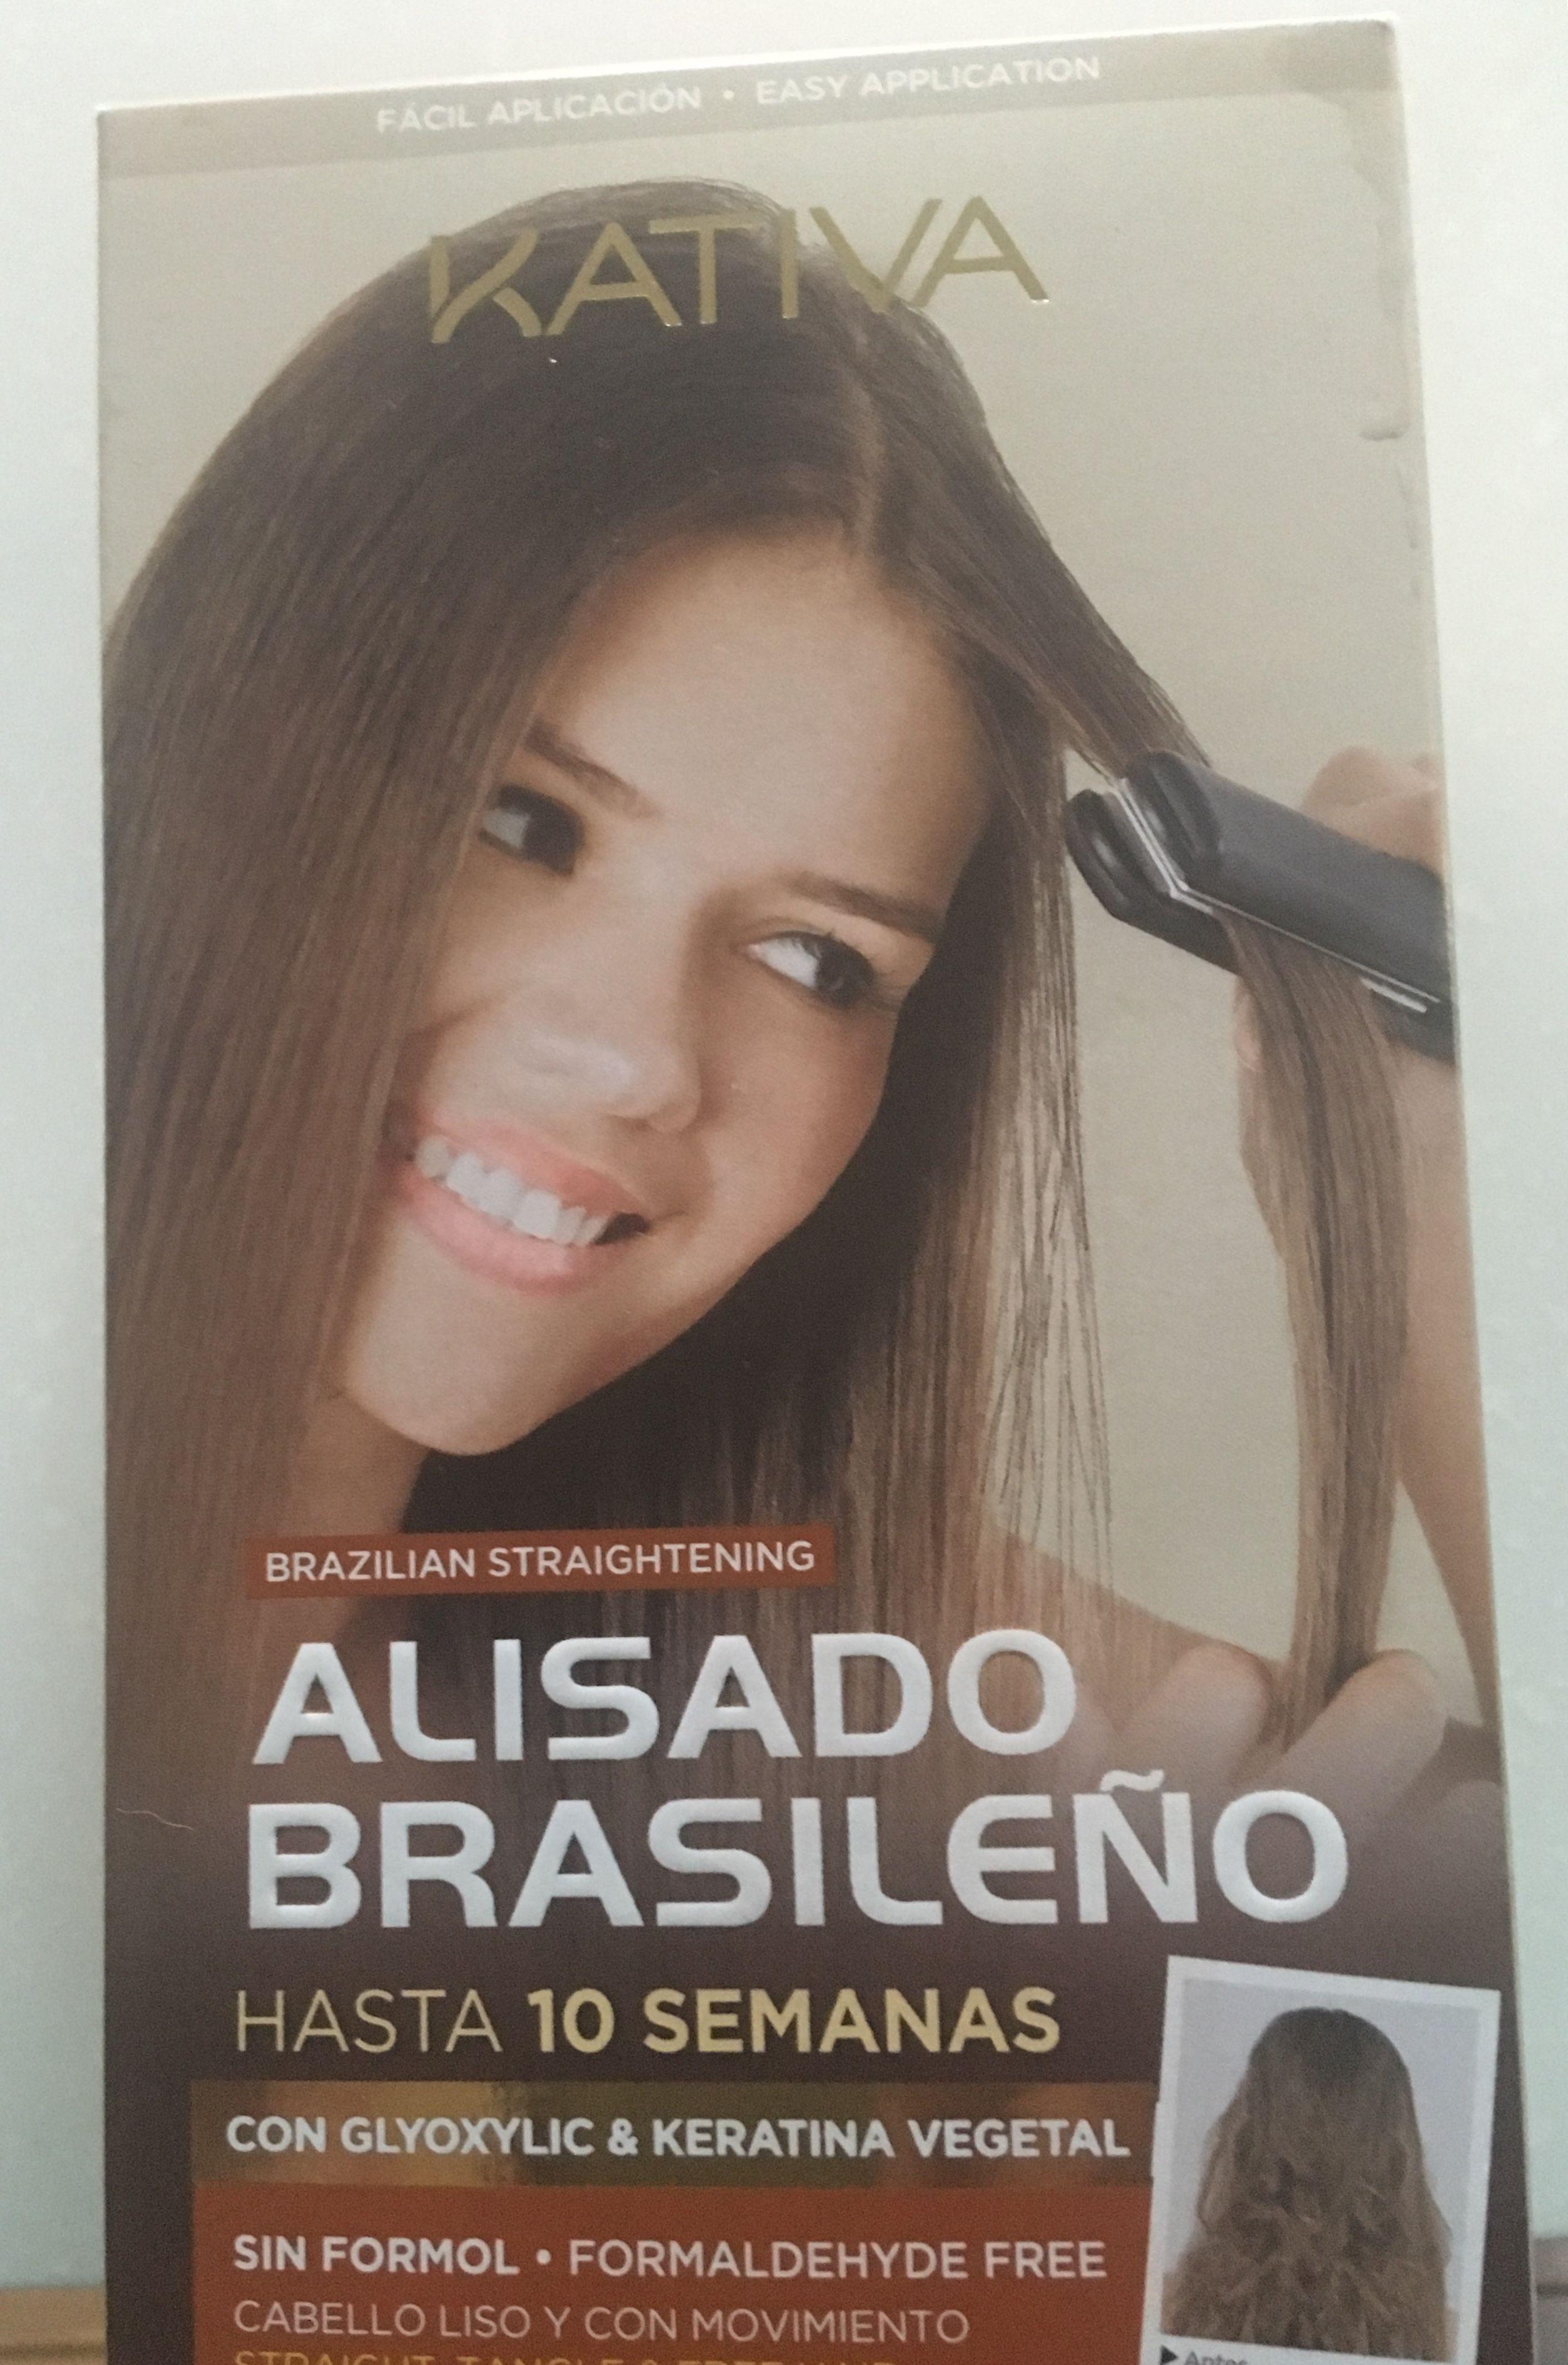 Alisado Brasileno Cabello Liso Keratina Alisado